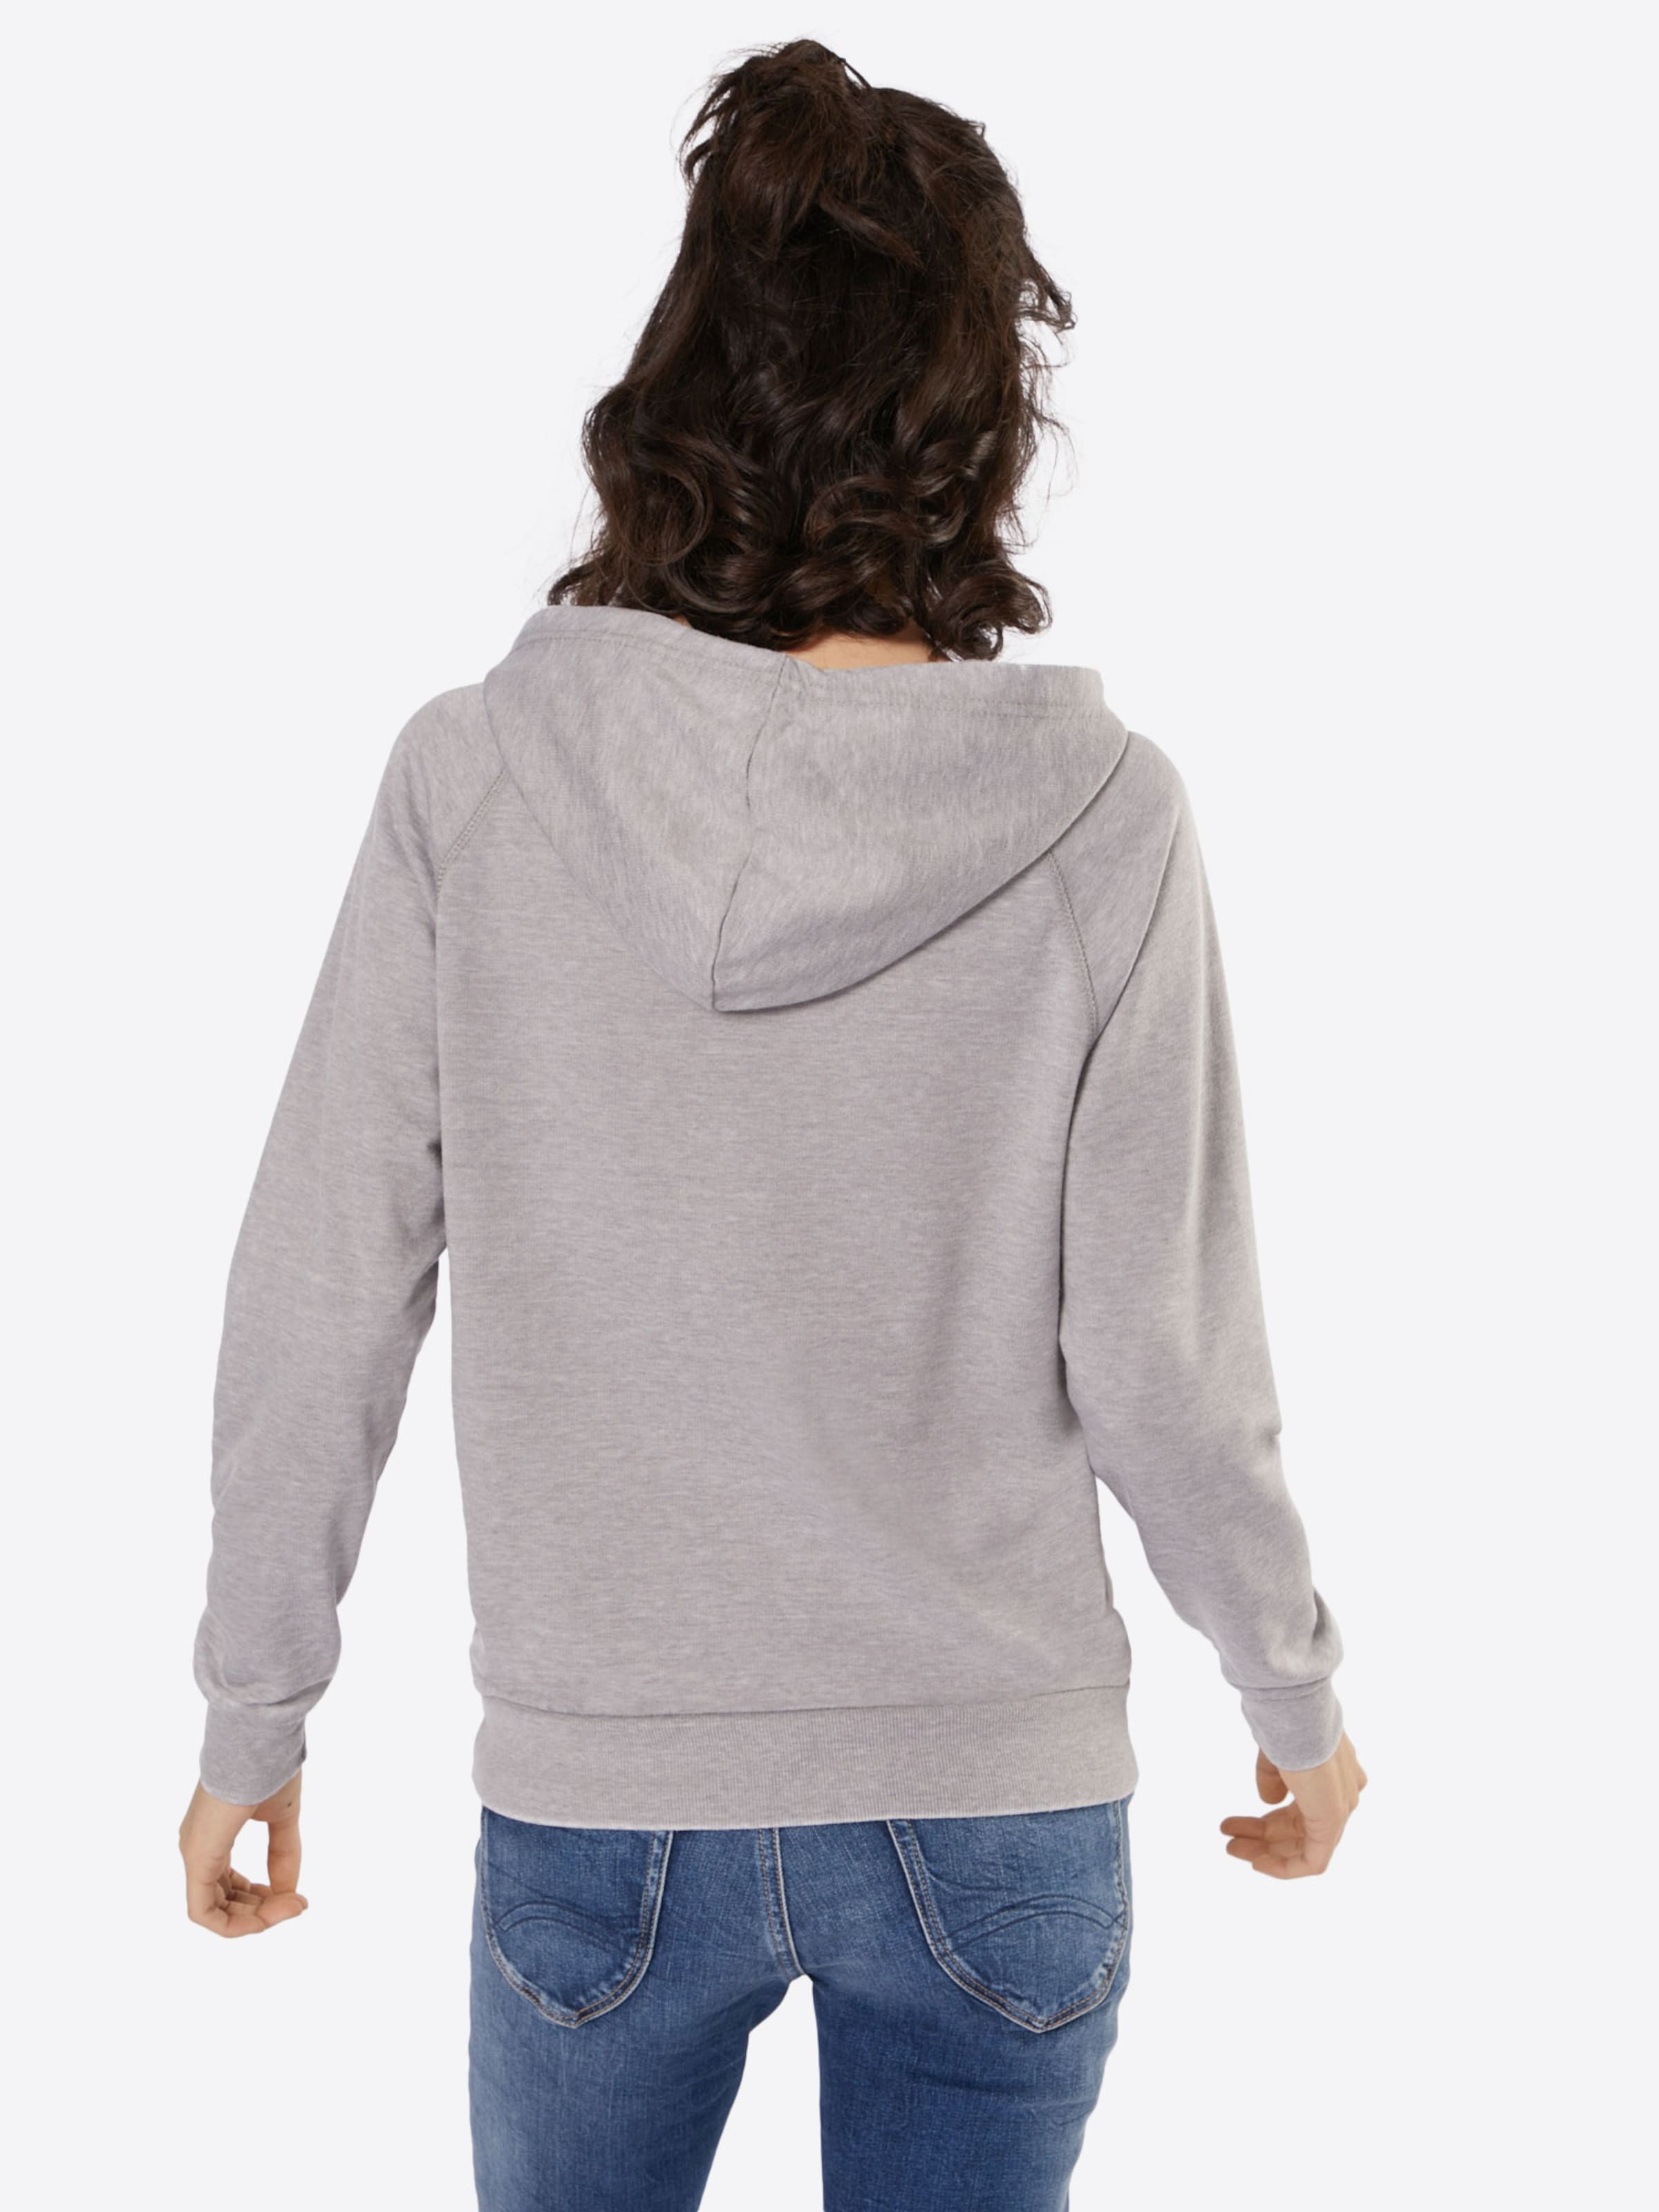 GREYSTONE Sweatshirt mit Statement-Print Günstig Kaufen Fabrikverkauf Rabatt Verkauf nzu5kDg